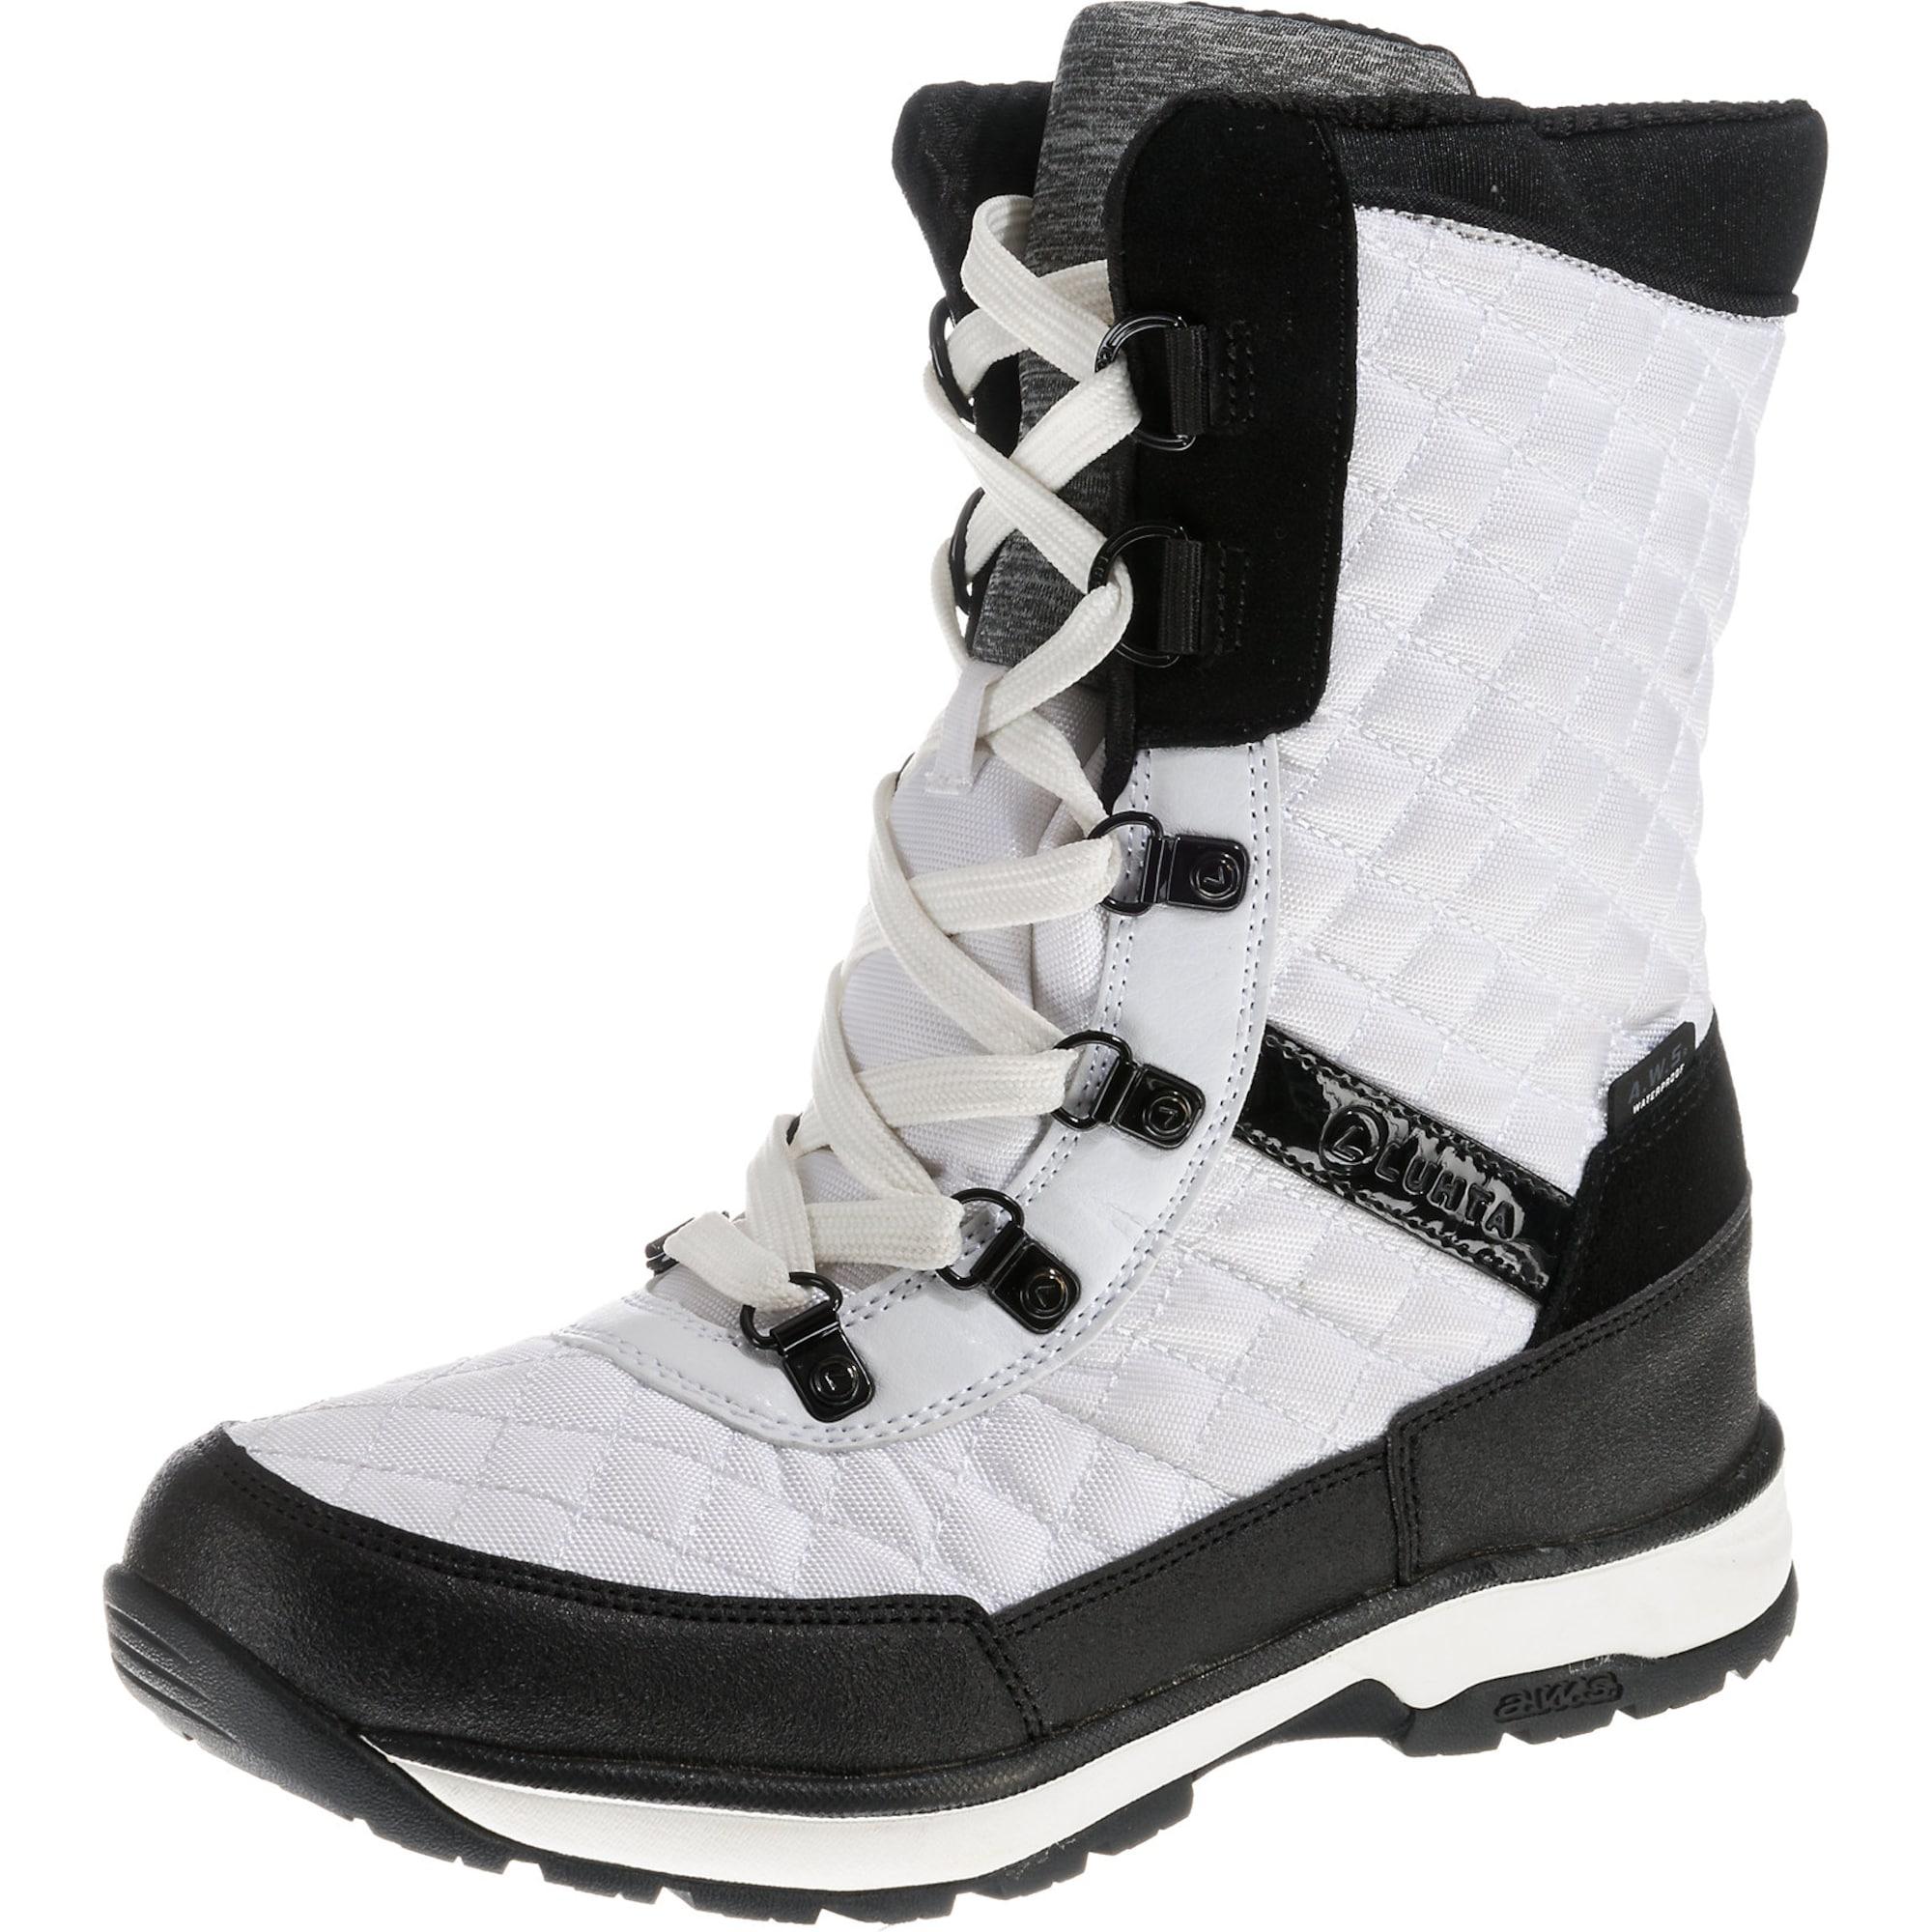 Winterstiefel 'Linda' | Schuhe > Stiefel > Winterstiefel | Schwarz - Weiß | LUHTA